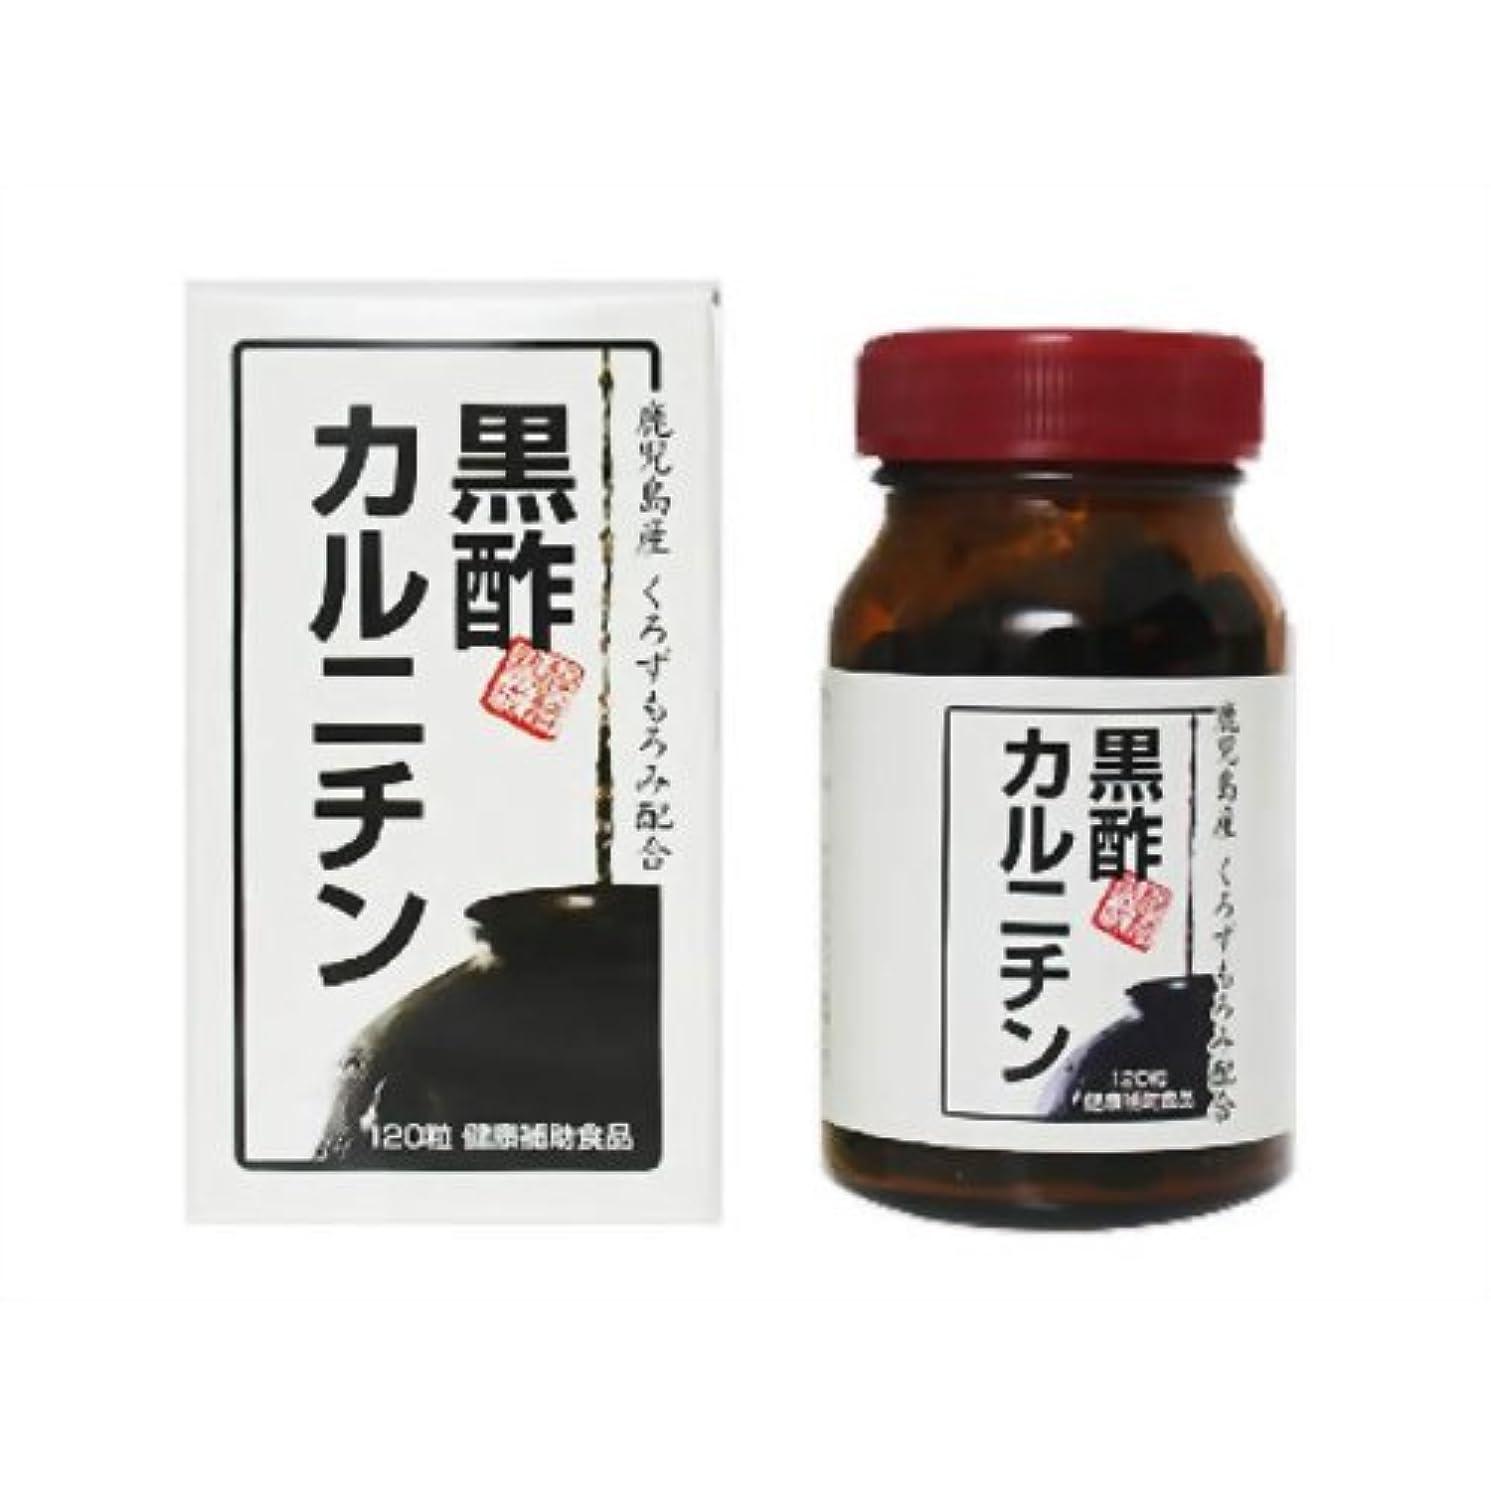 革新まつげ対処する黒酢カルニチン 120粒